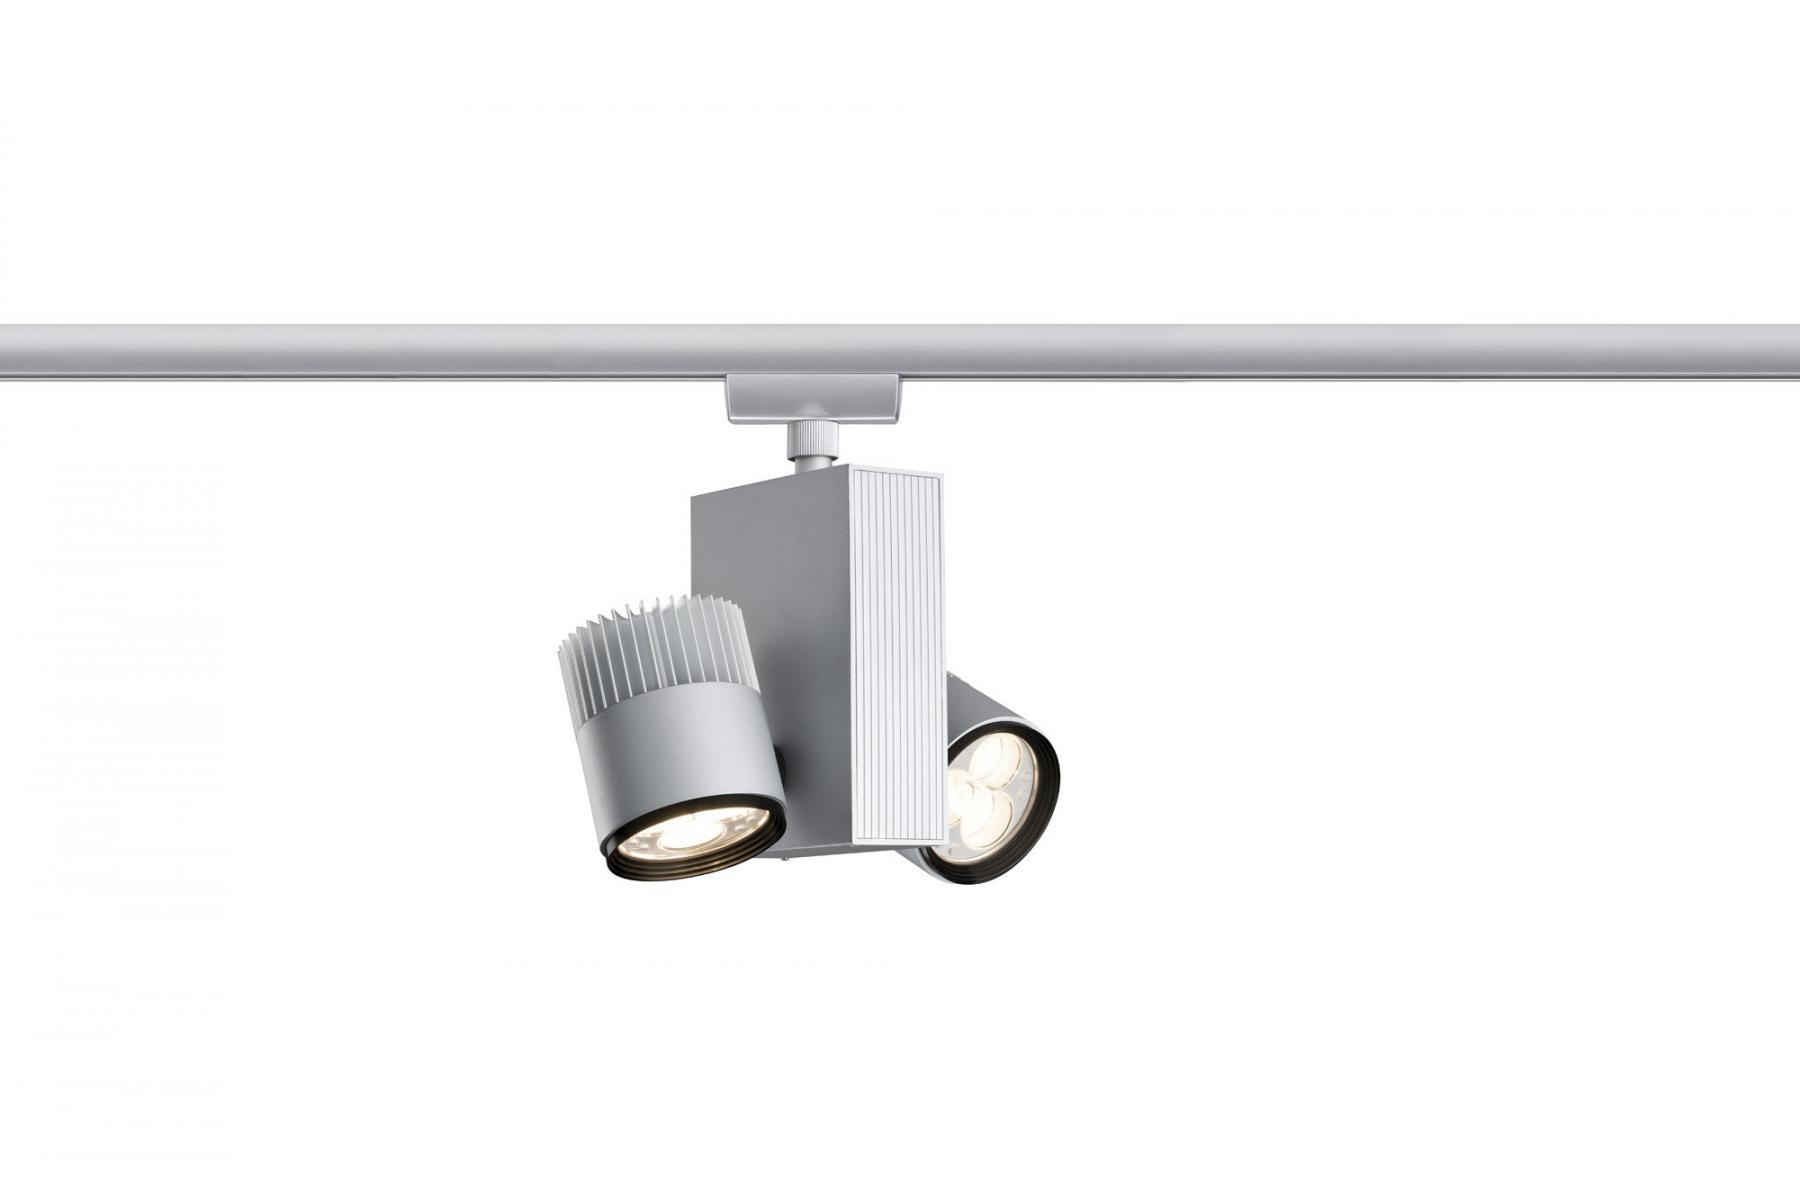 paulmann u rail einzelteile urail system light easy spot tecled 2x9w chrom matt 230v. Black Bedroom Furniture Sets. Home Design Ideas